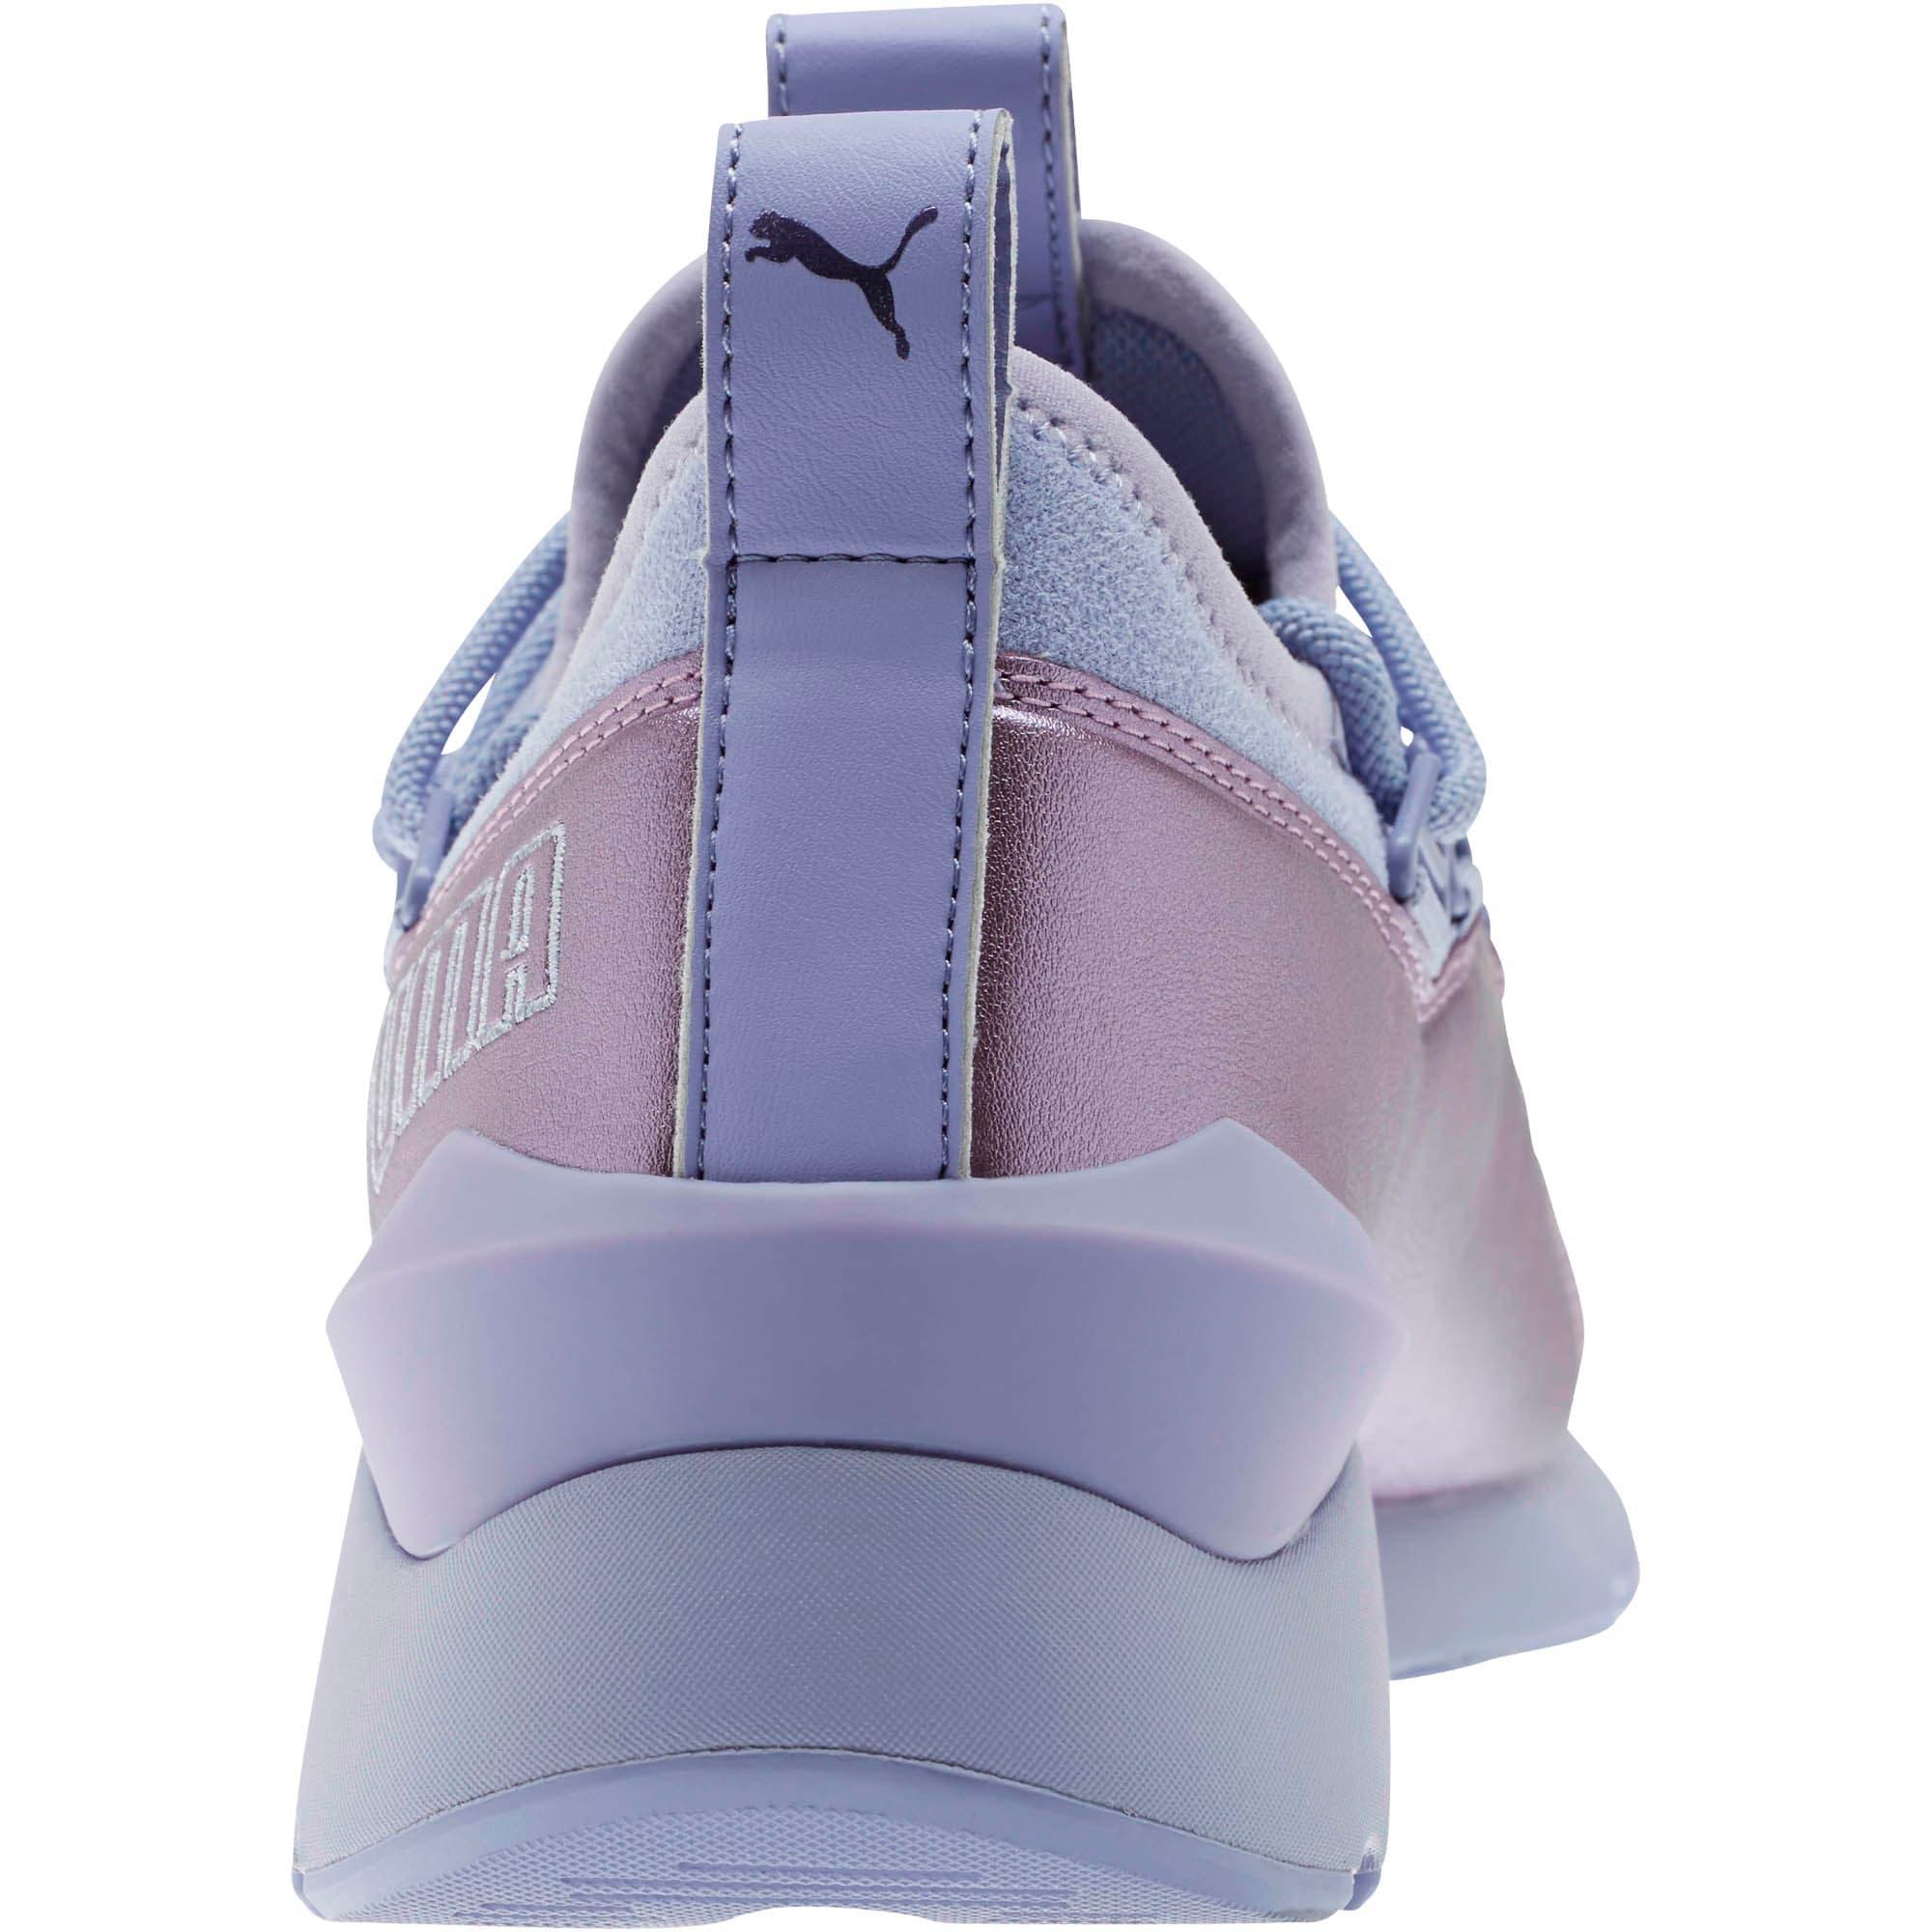 Miniatura 3 de Zapatos deportivosMuse 2 Twilight de mujer, Sweet Lavender, mediano